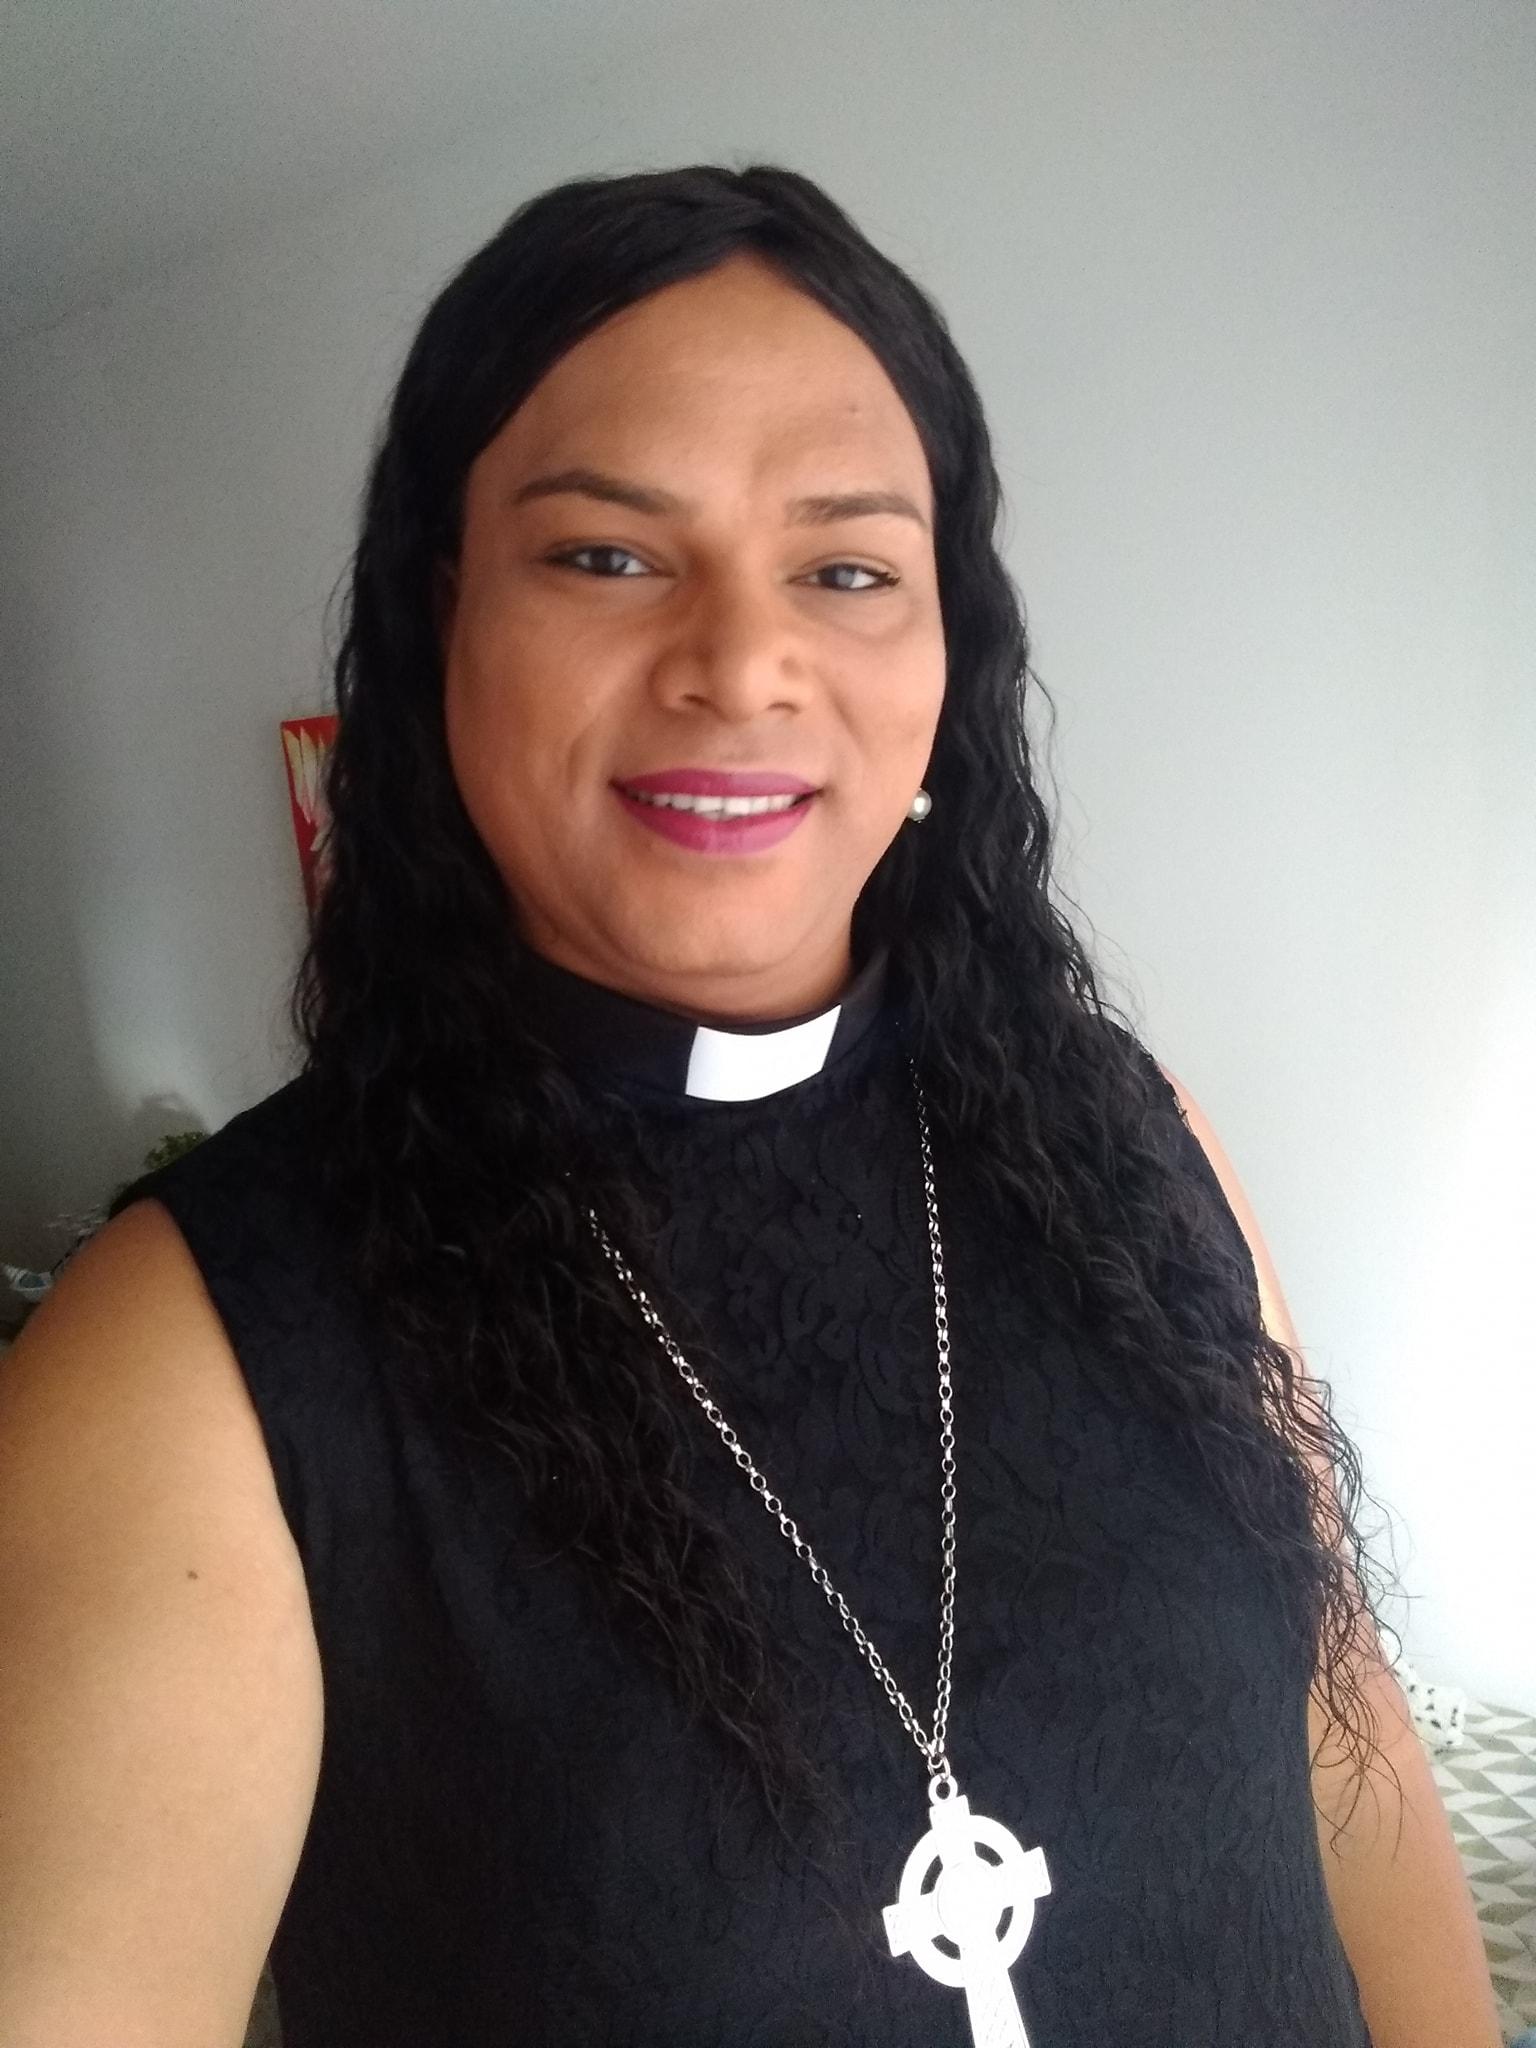 Alexya é reverenda em São Paulo e pretende mudar a concepção da religião atrelada ao conservadorismo dentro da política | Foto: Arquivo pessoal